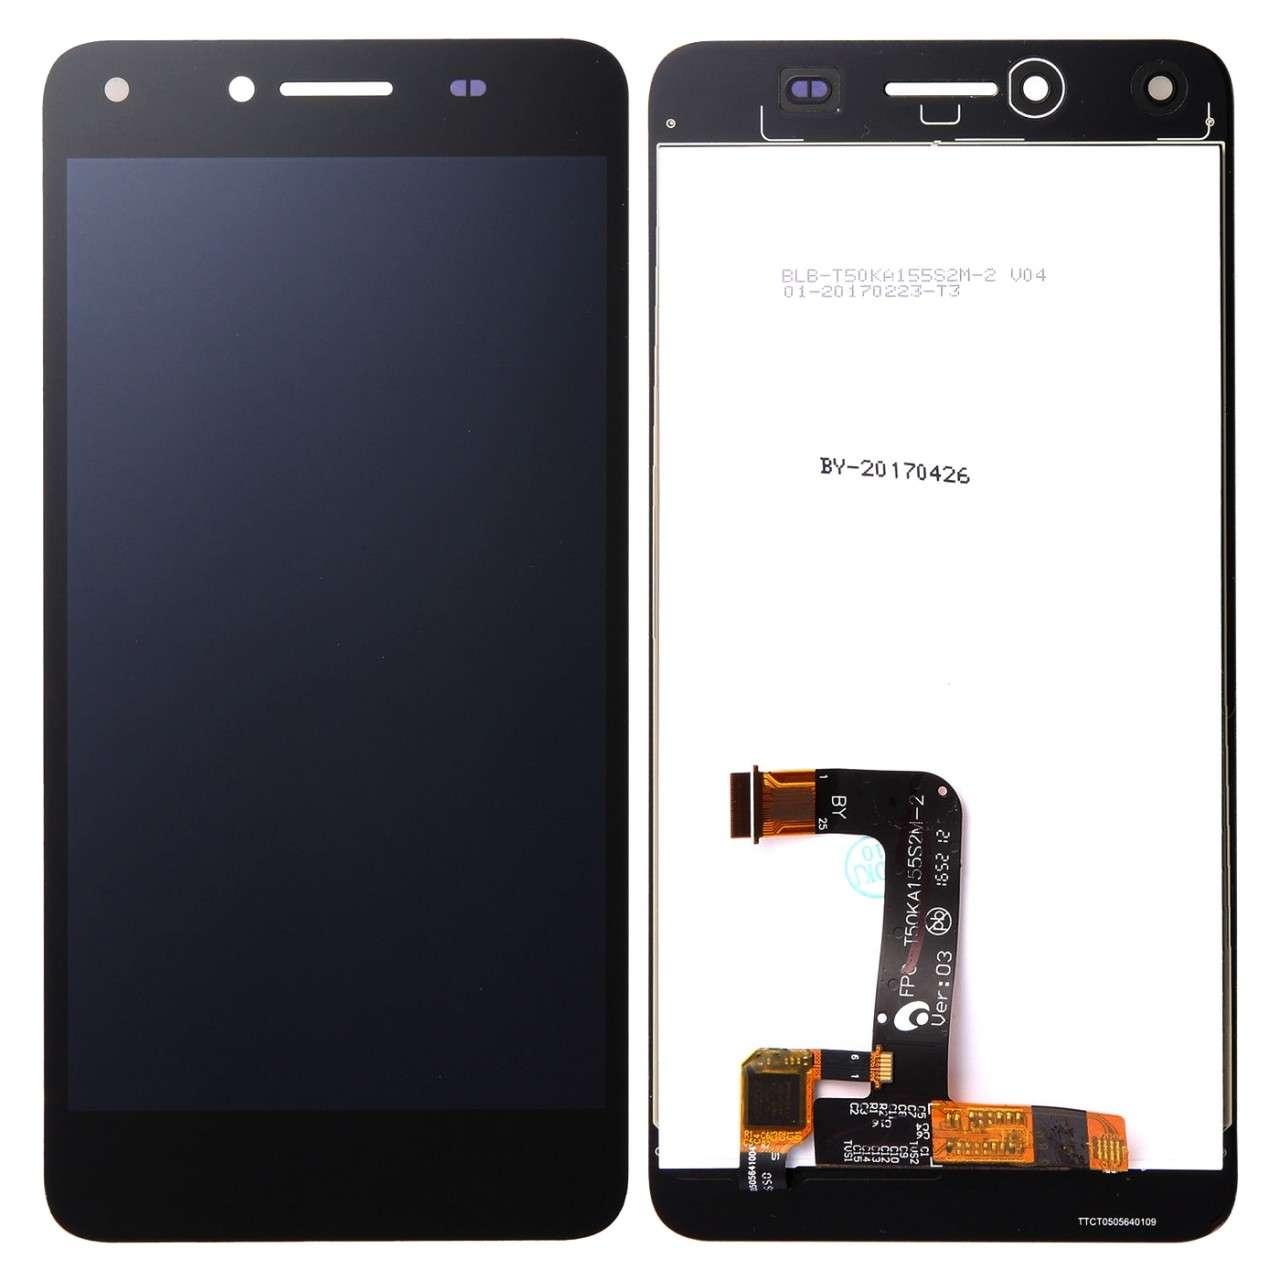 Display Huawei Y5 2 CUN L21 Black Negru imagine powerlaptop.ro 2021